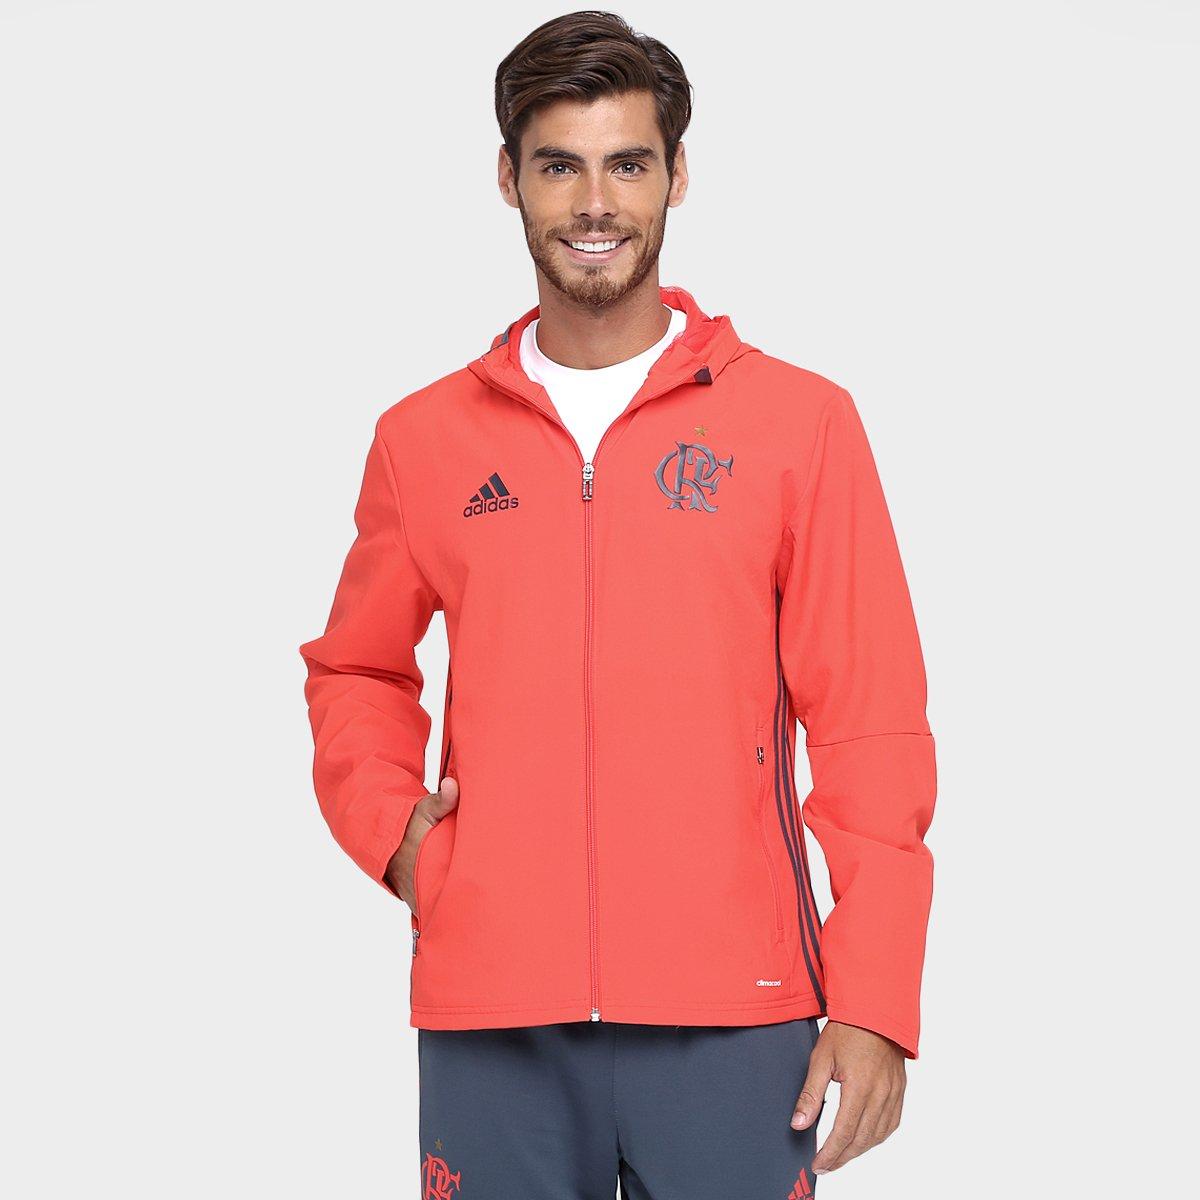 Agasalho Adidas Flamengo Viagem  Agasalho Adidas Flamengo Viagem ... 02c280c3eecc0